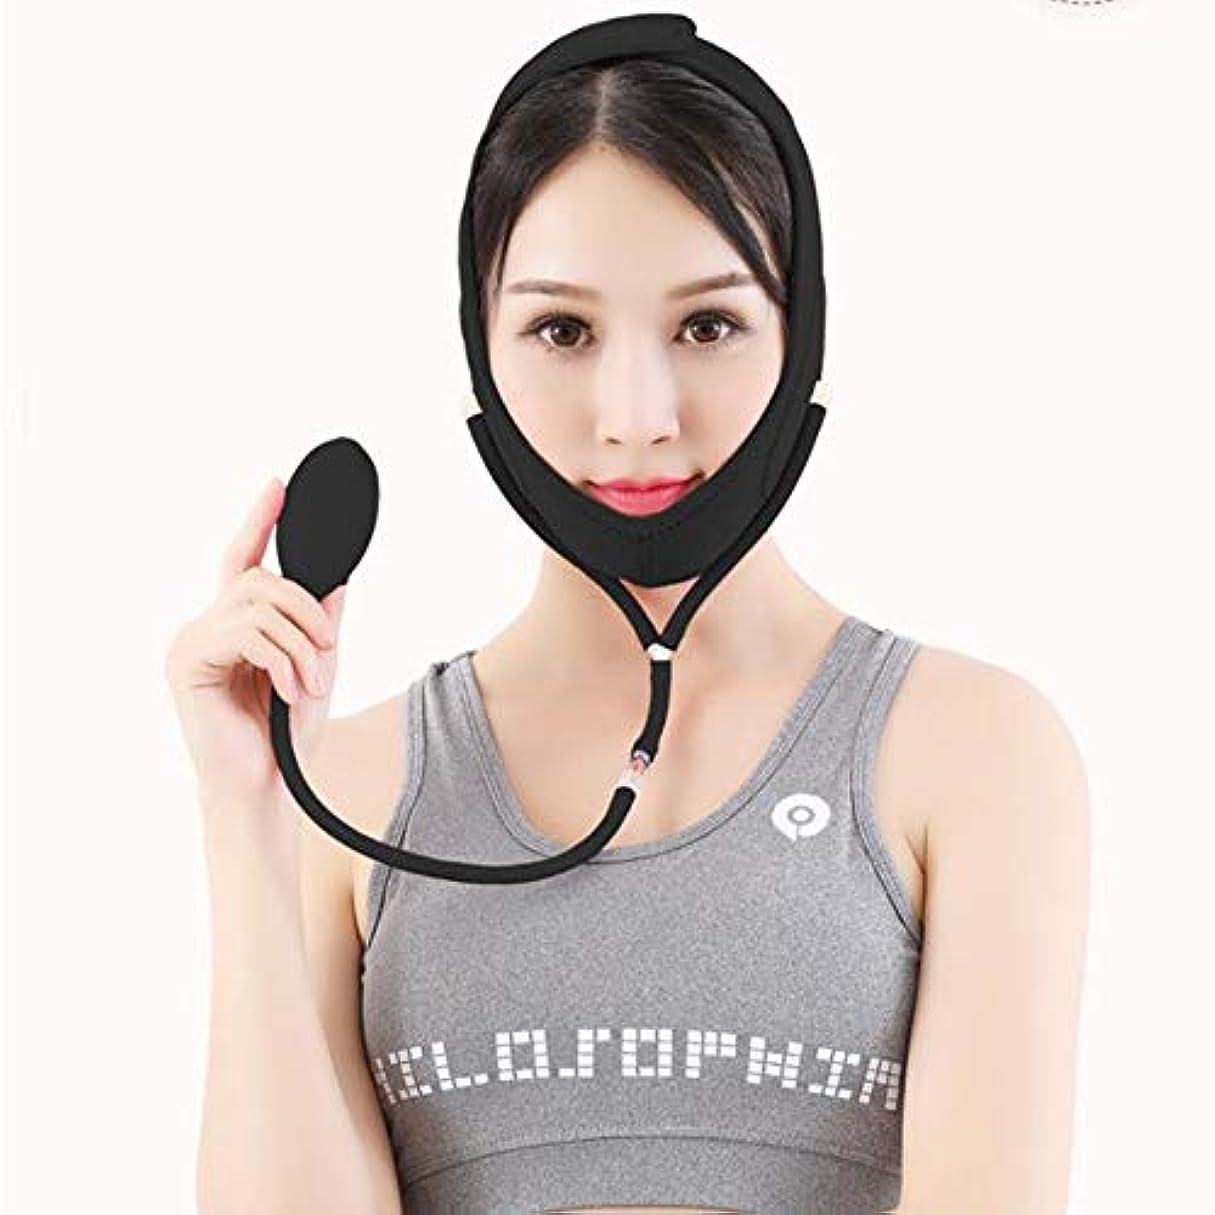 裸スカウト劇場GYZ フェイシャルリフティング痩身ベルトダブルエアバッグ圧力調整フェイス包帯マスク整形マスクが顔を引き締める Thin Face Belt (Color : Black, Size : M)